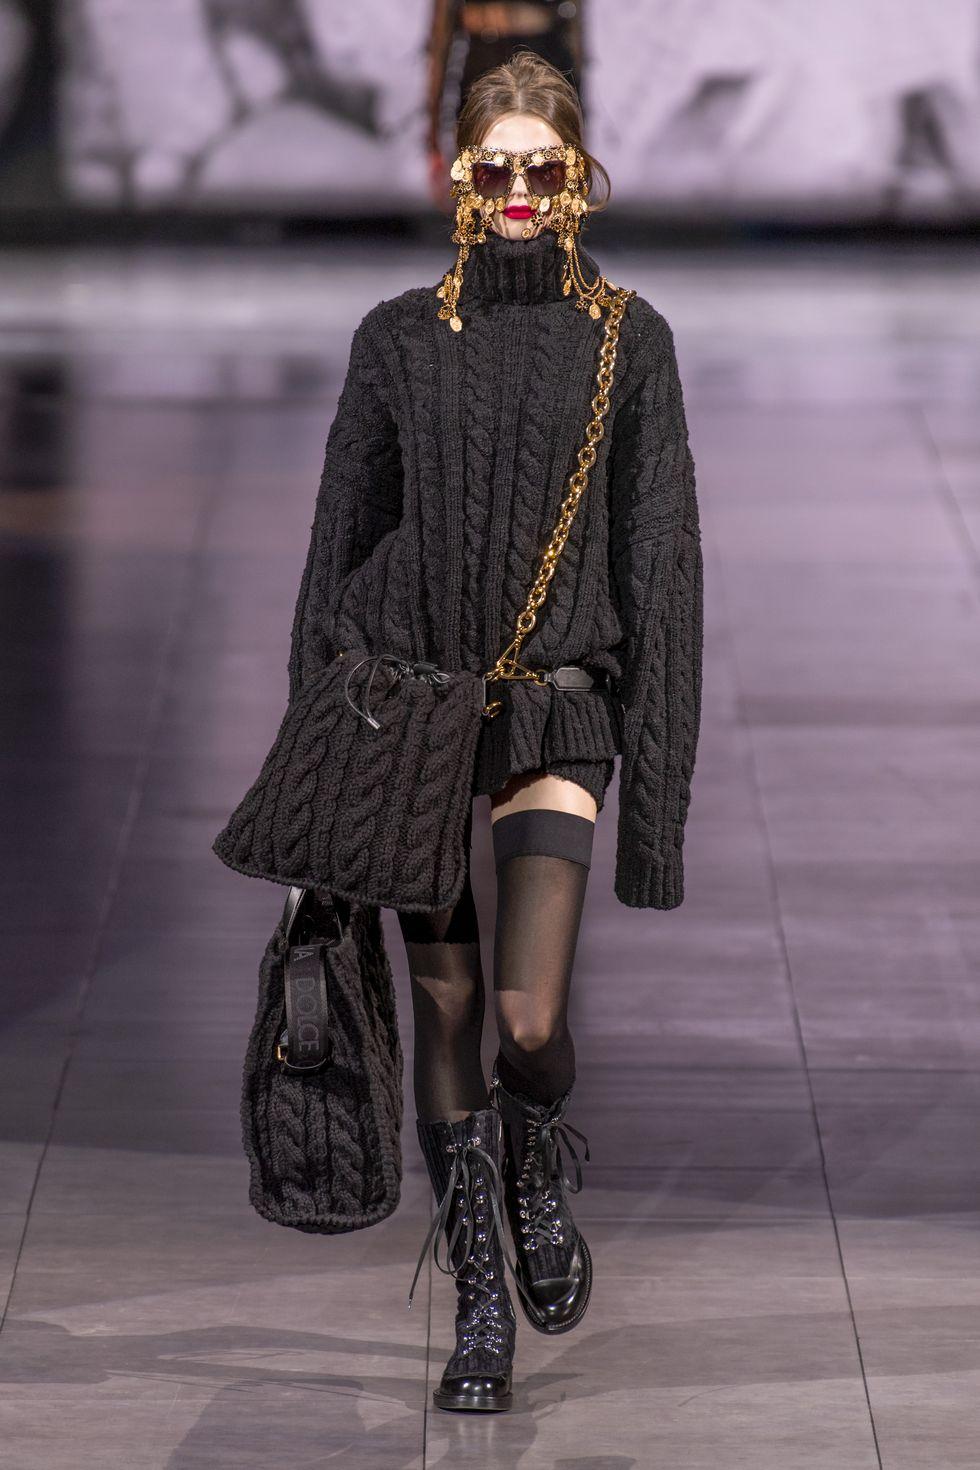 Δημιουργίες από την συλλογή Φθινόπωρο/Χειμώνας 2020-21 του οίκου Dolce & Gabbana.